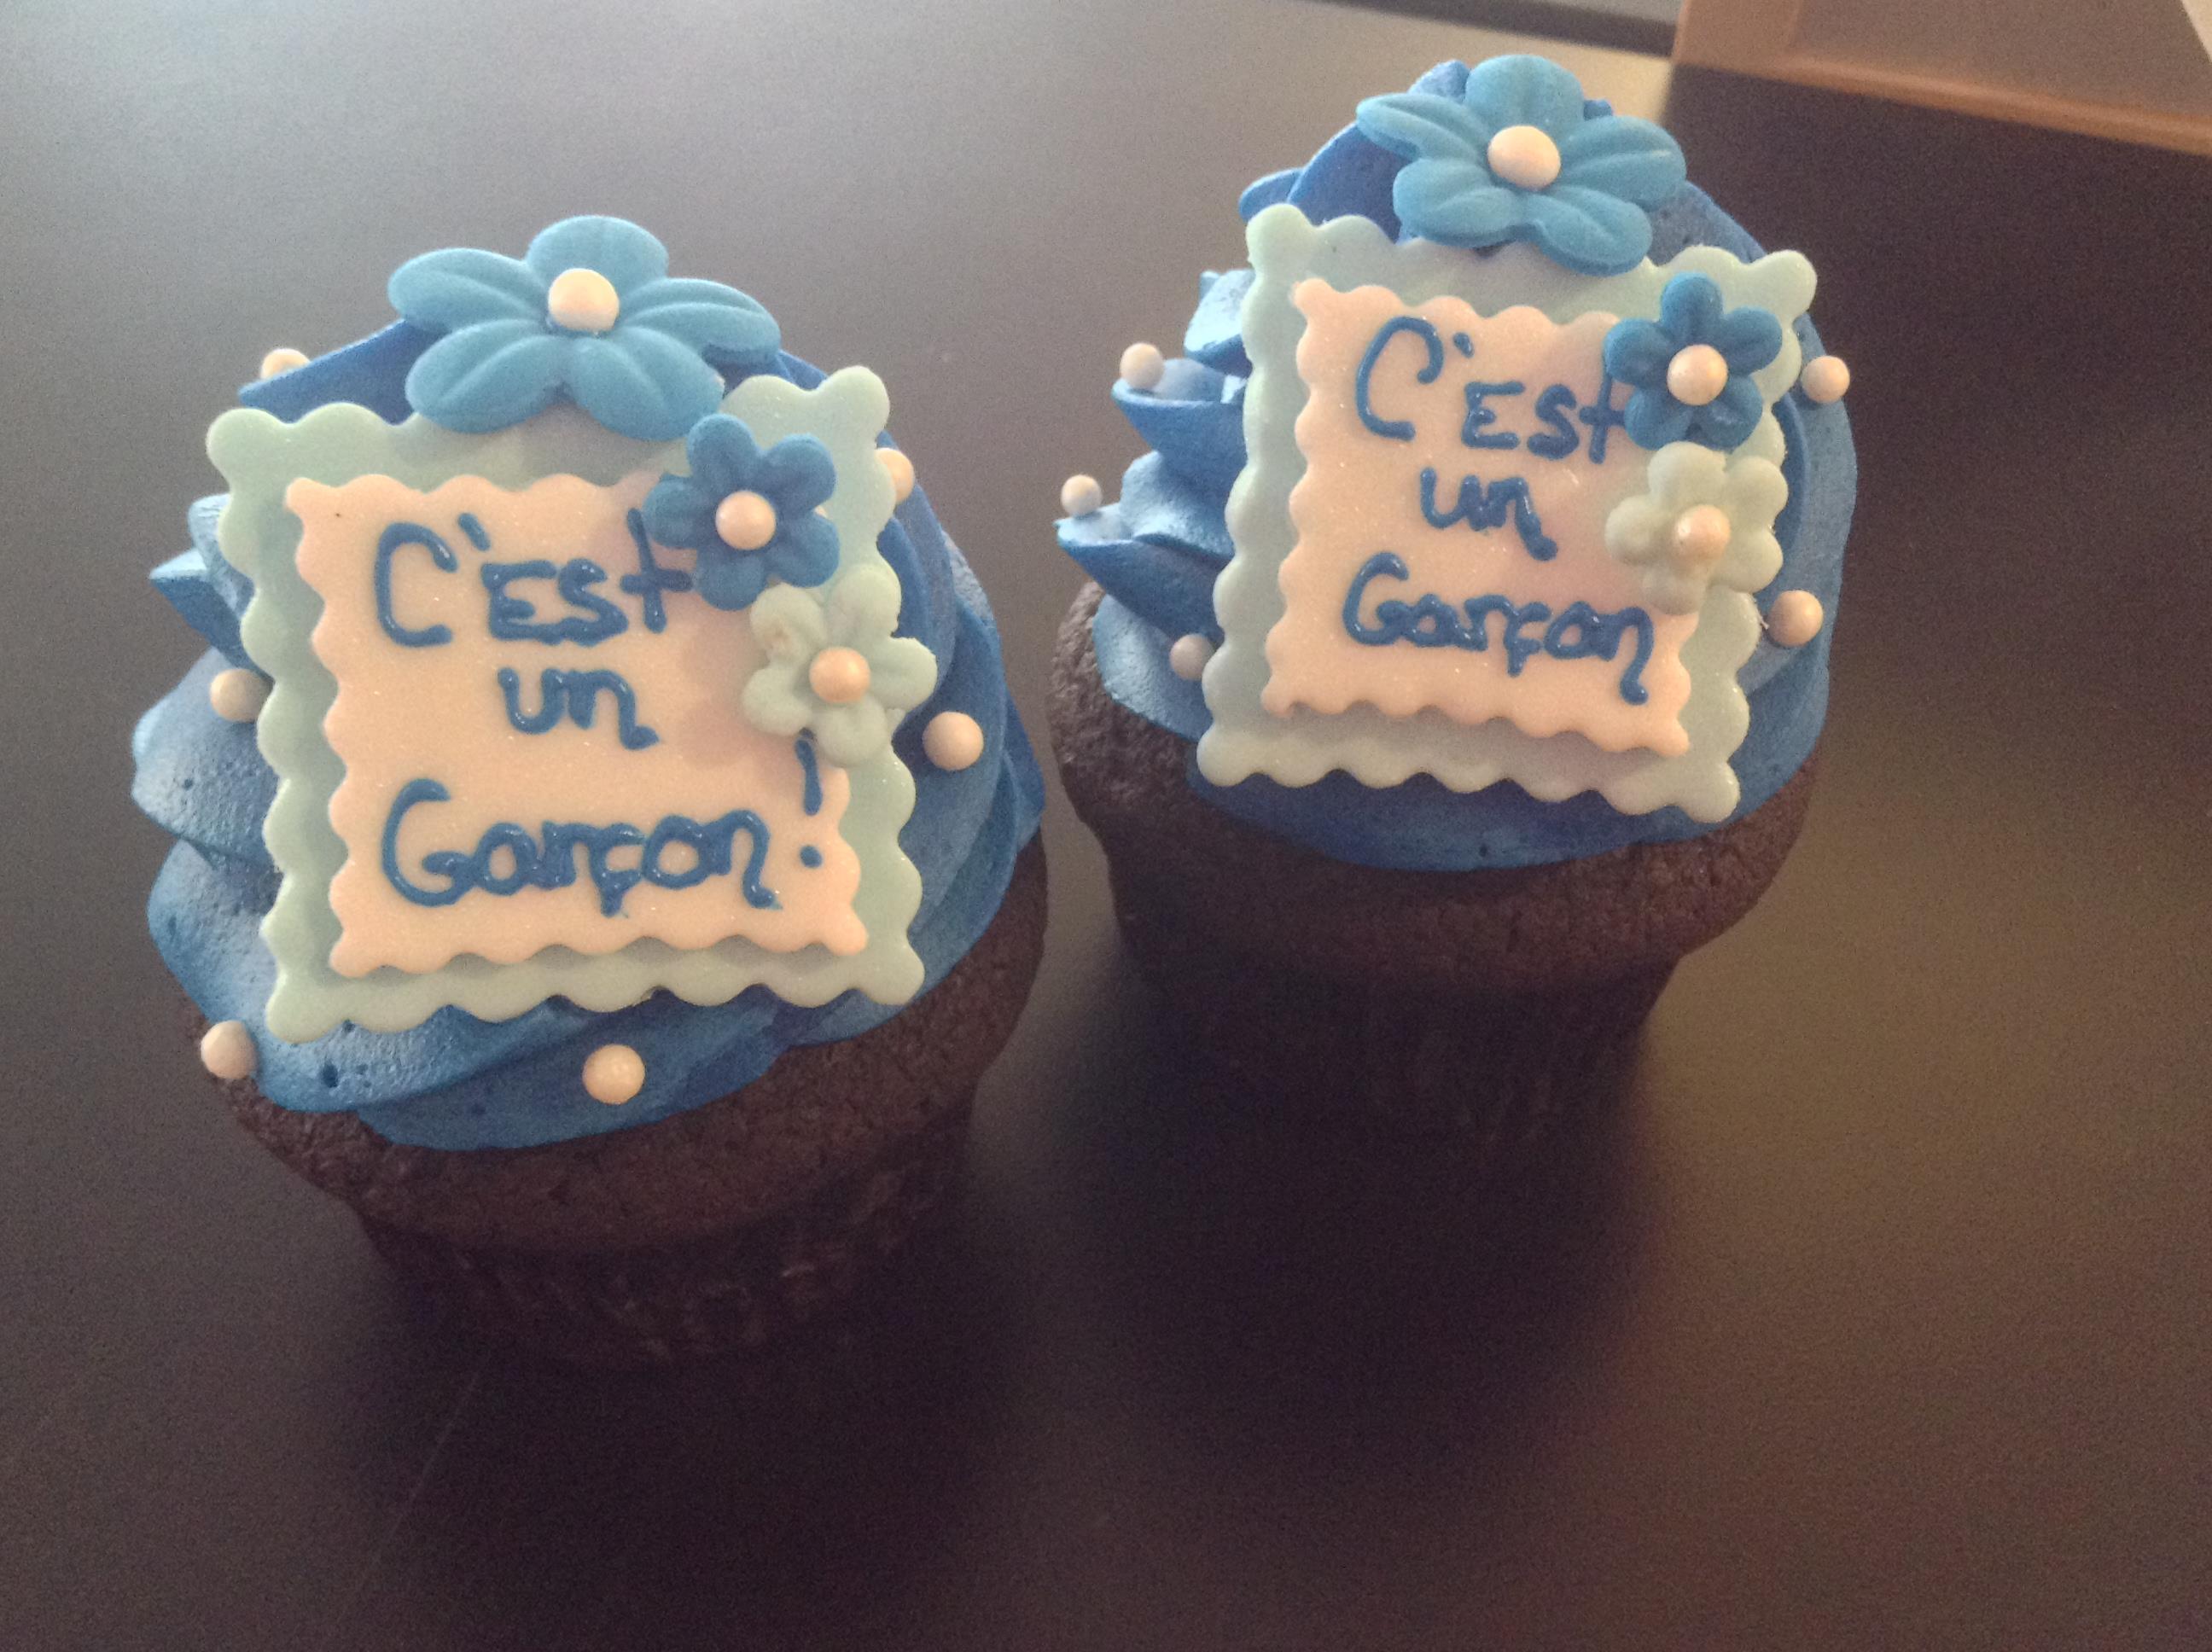 Cupcake annonce du sexe du bébé